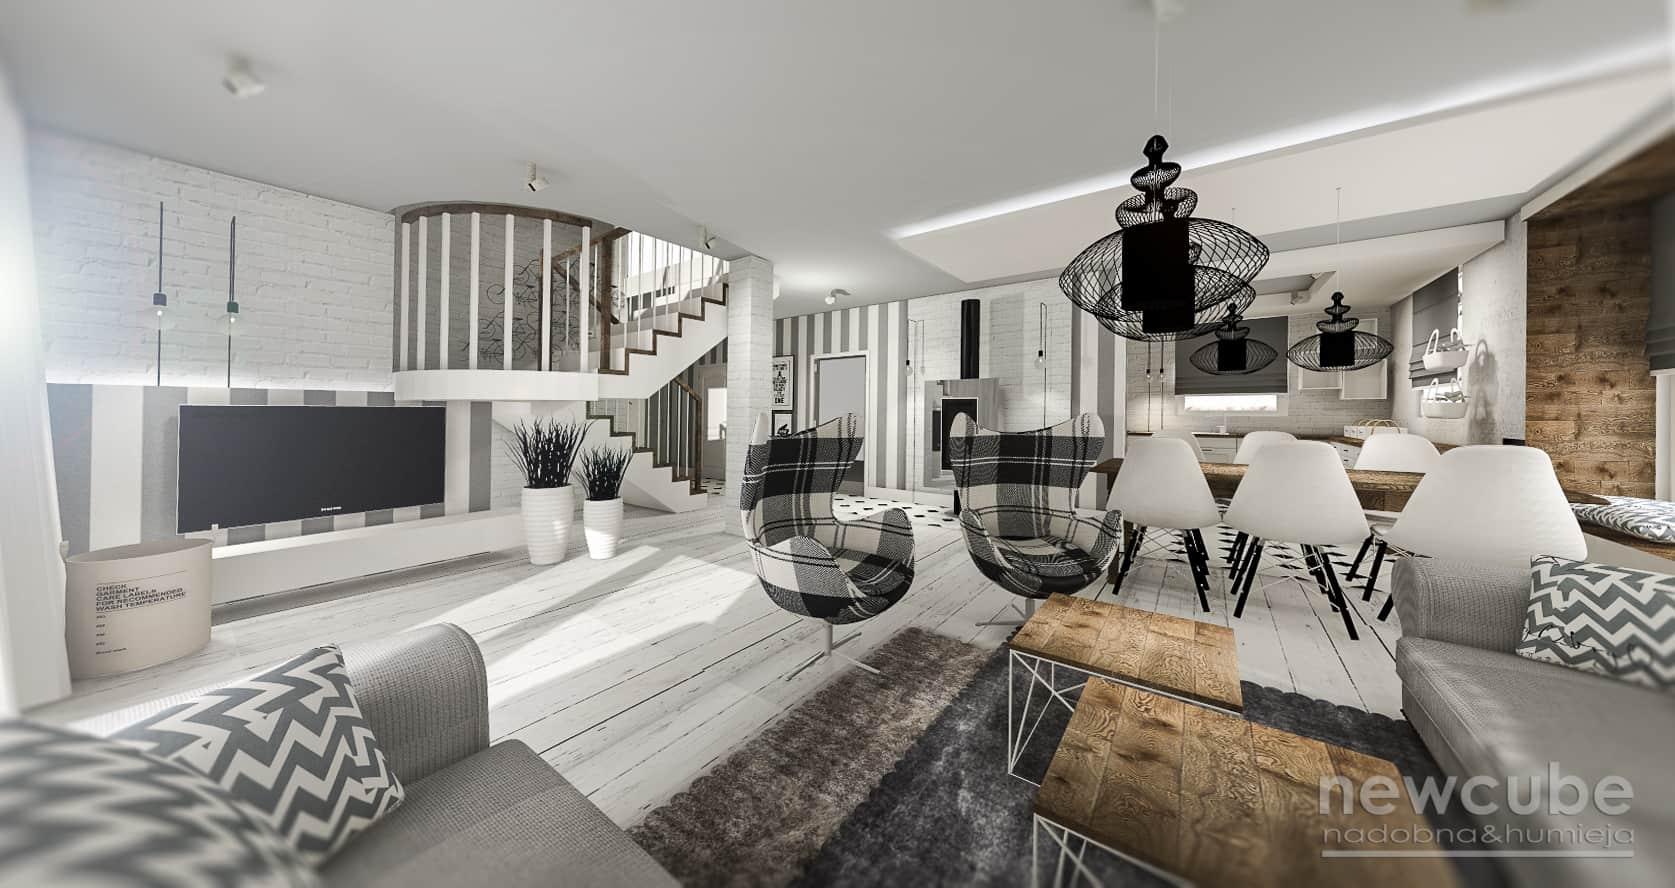 aranzacja-wnetrz-projekt-architekt-new-cube-12015